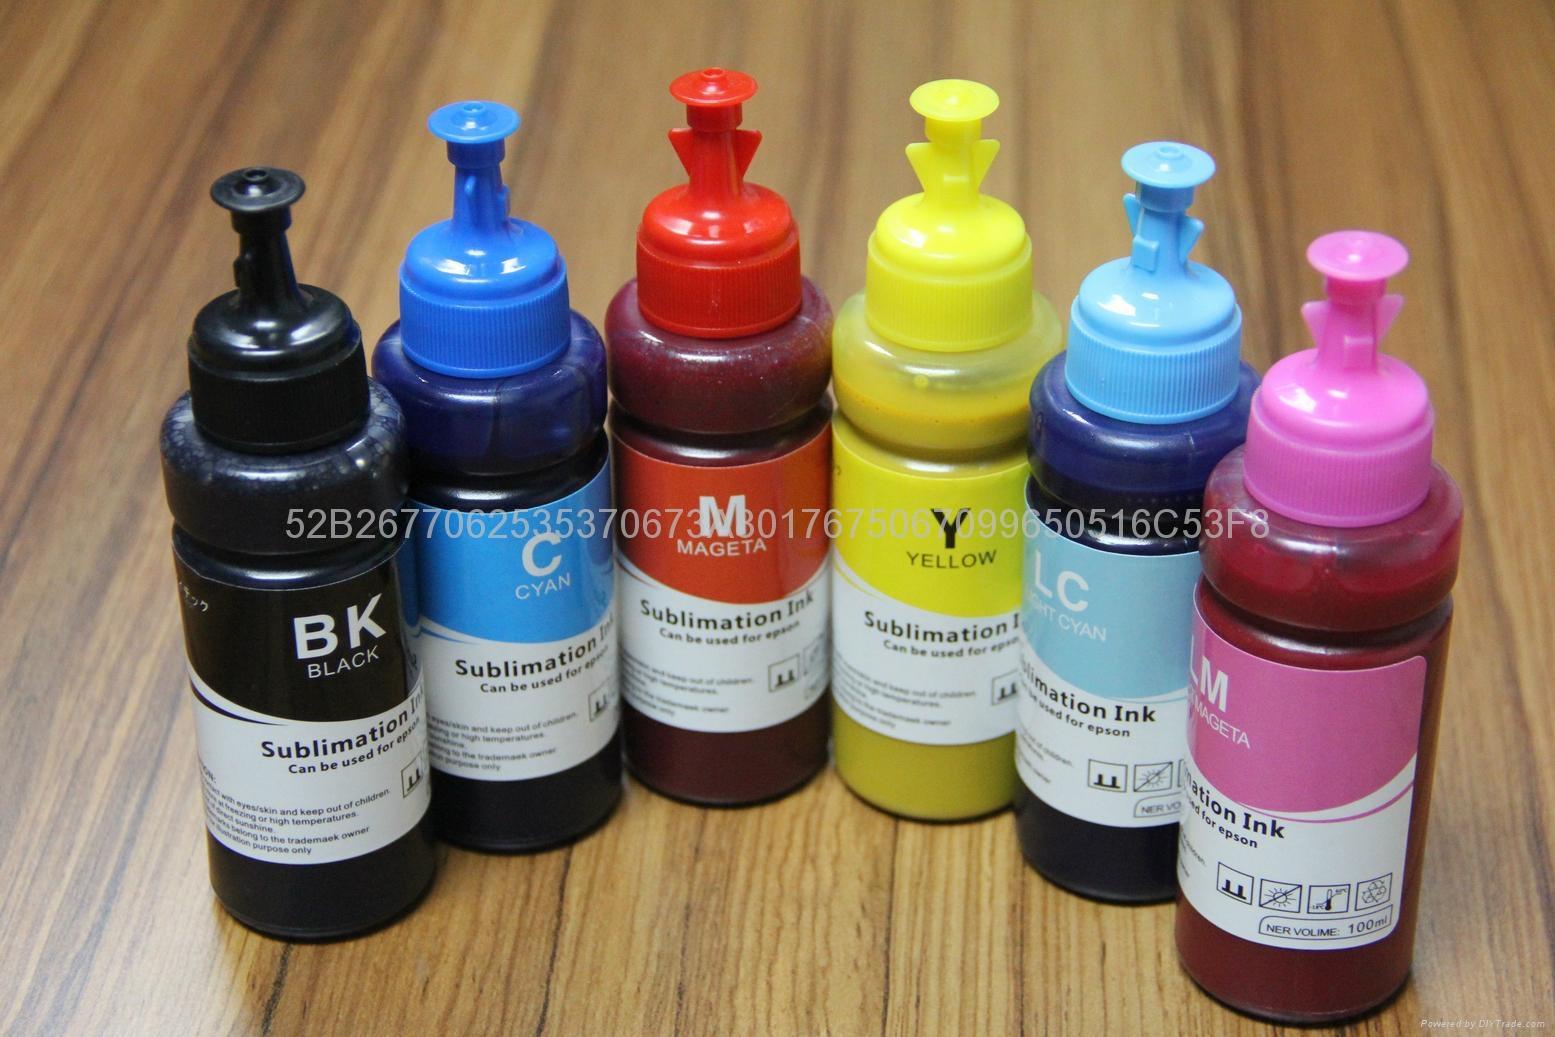 6 color sublimation ink for epson 1390 1400 1410 inkjet printer ink  4